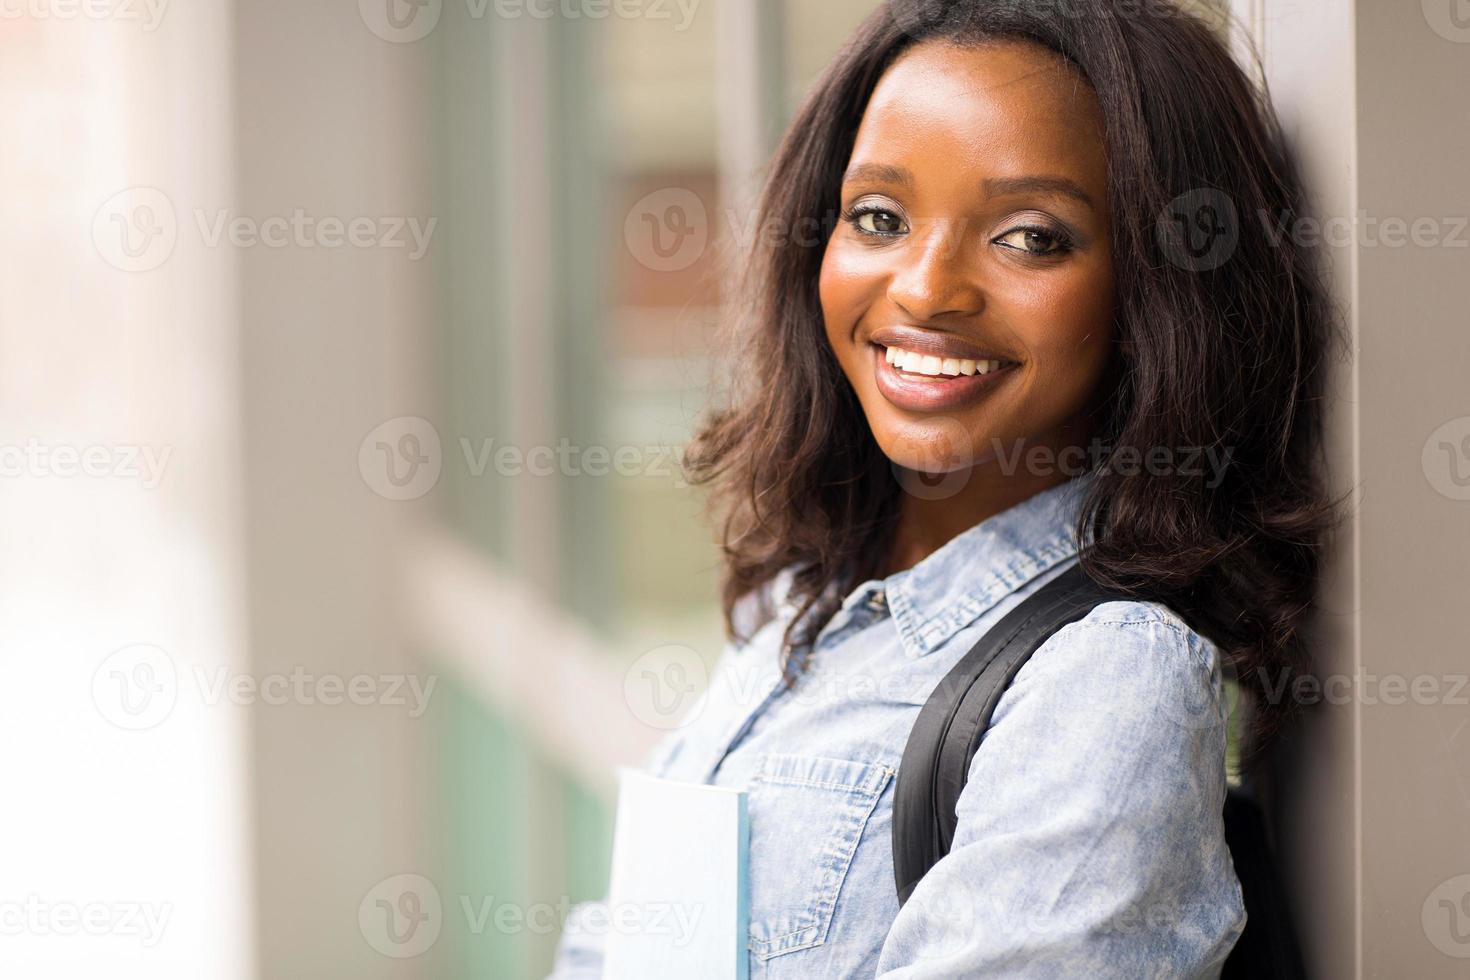 estudiante universitario africano con libros foto